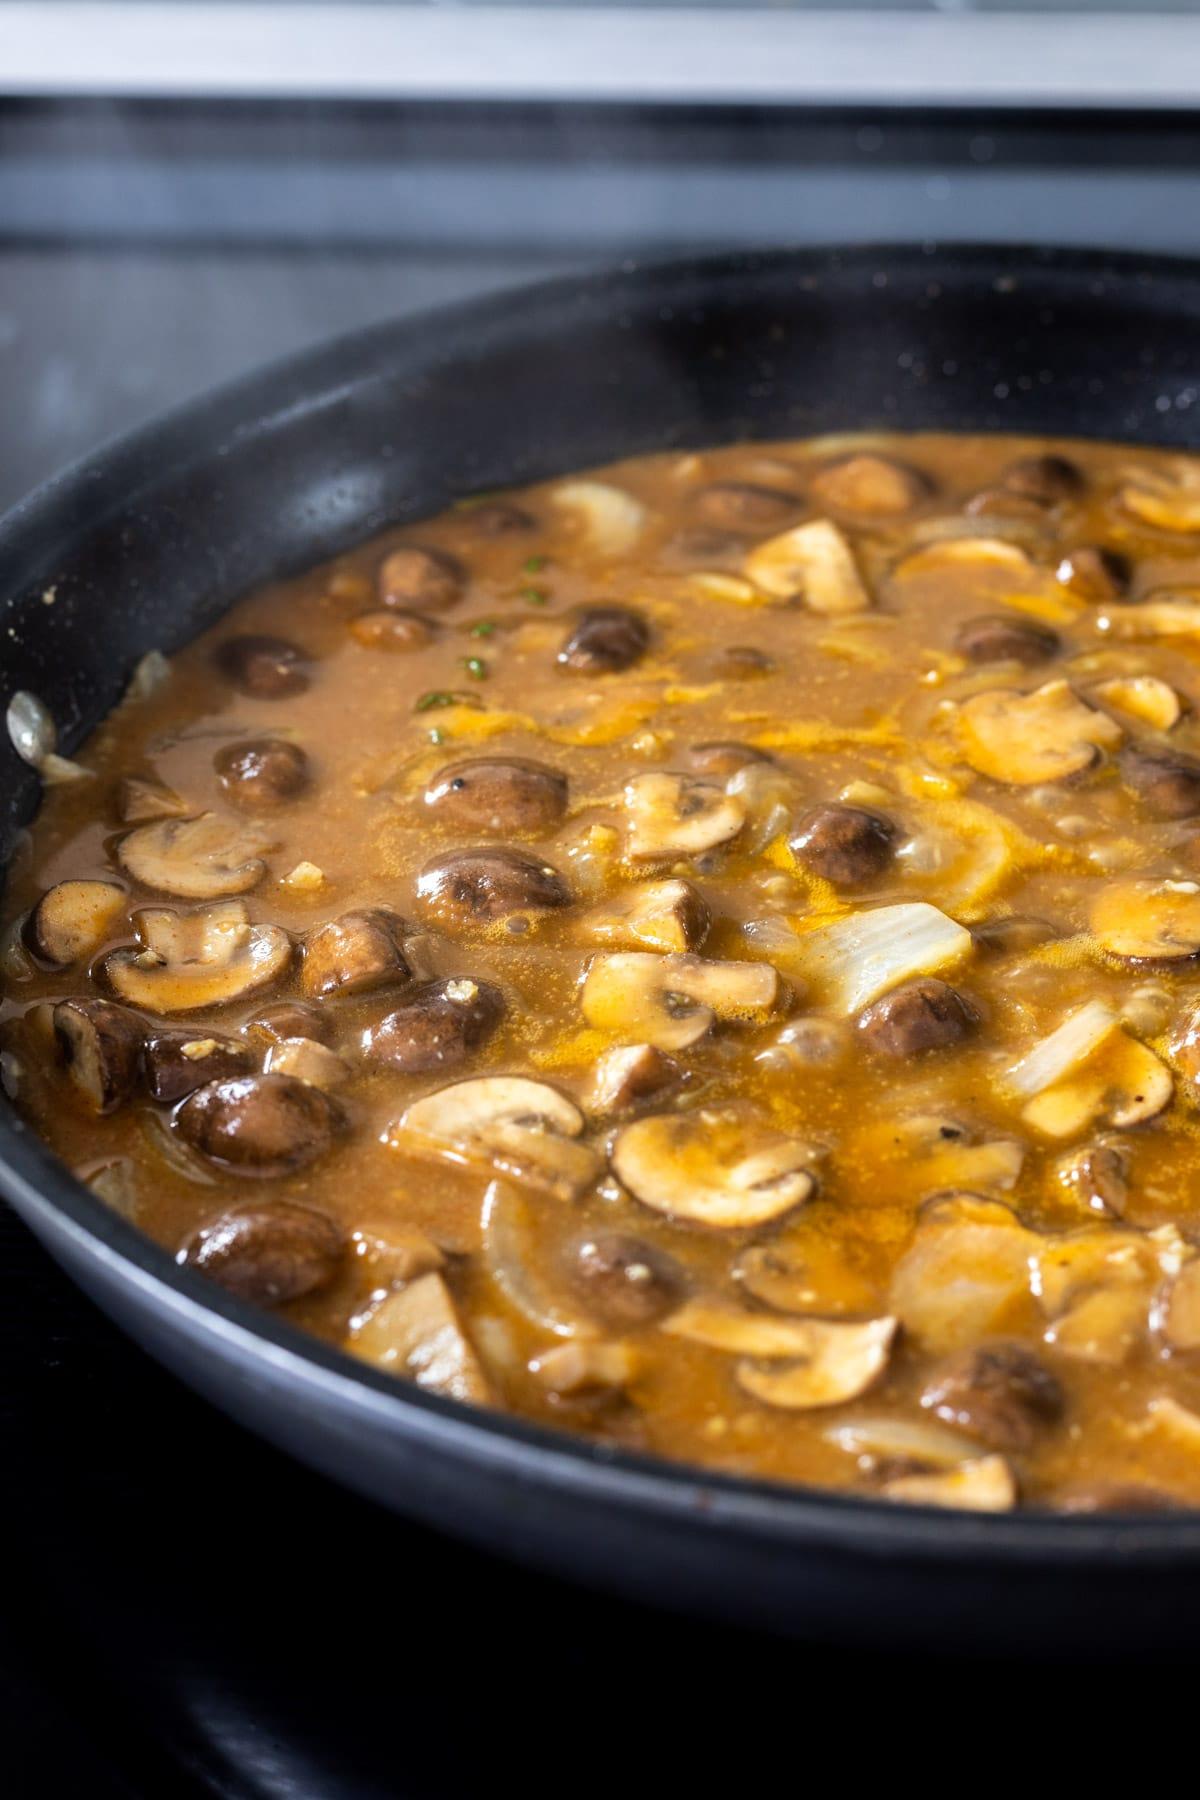 Stroganoff sauce simmering in a skilllet.